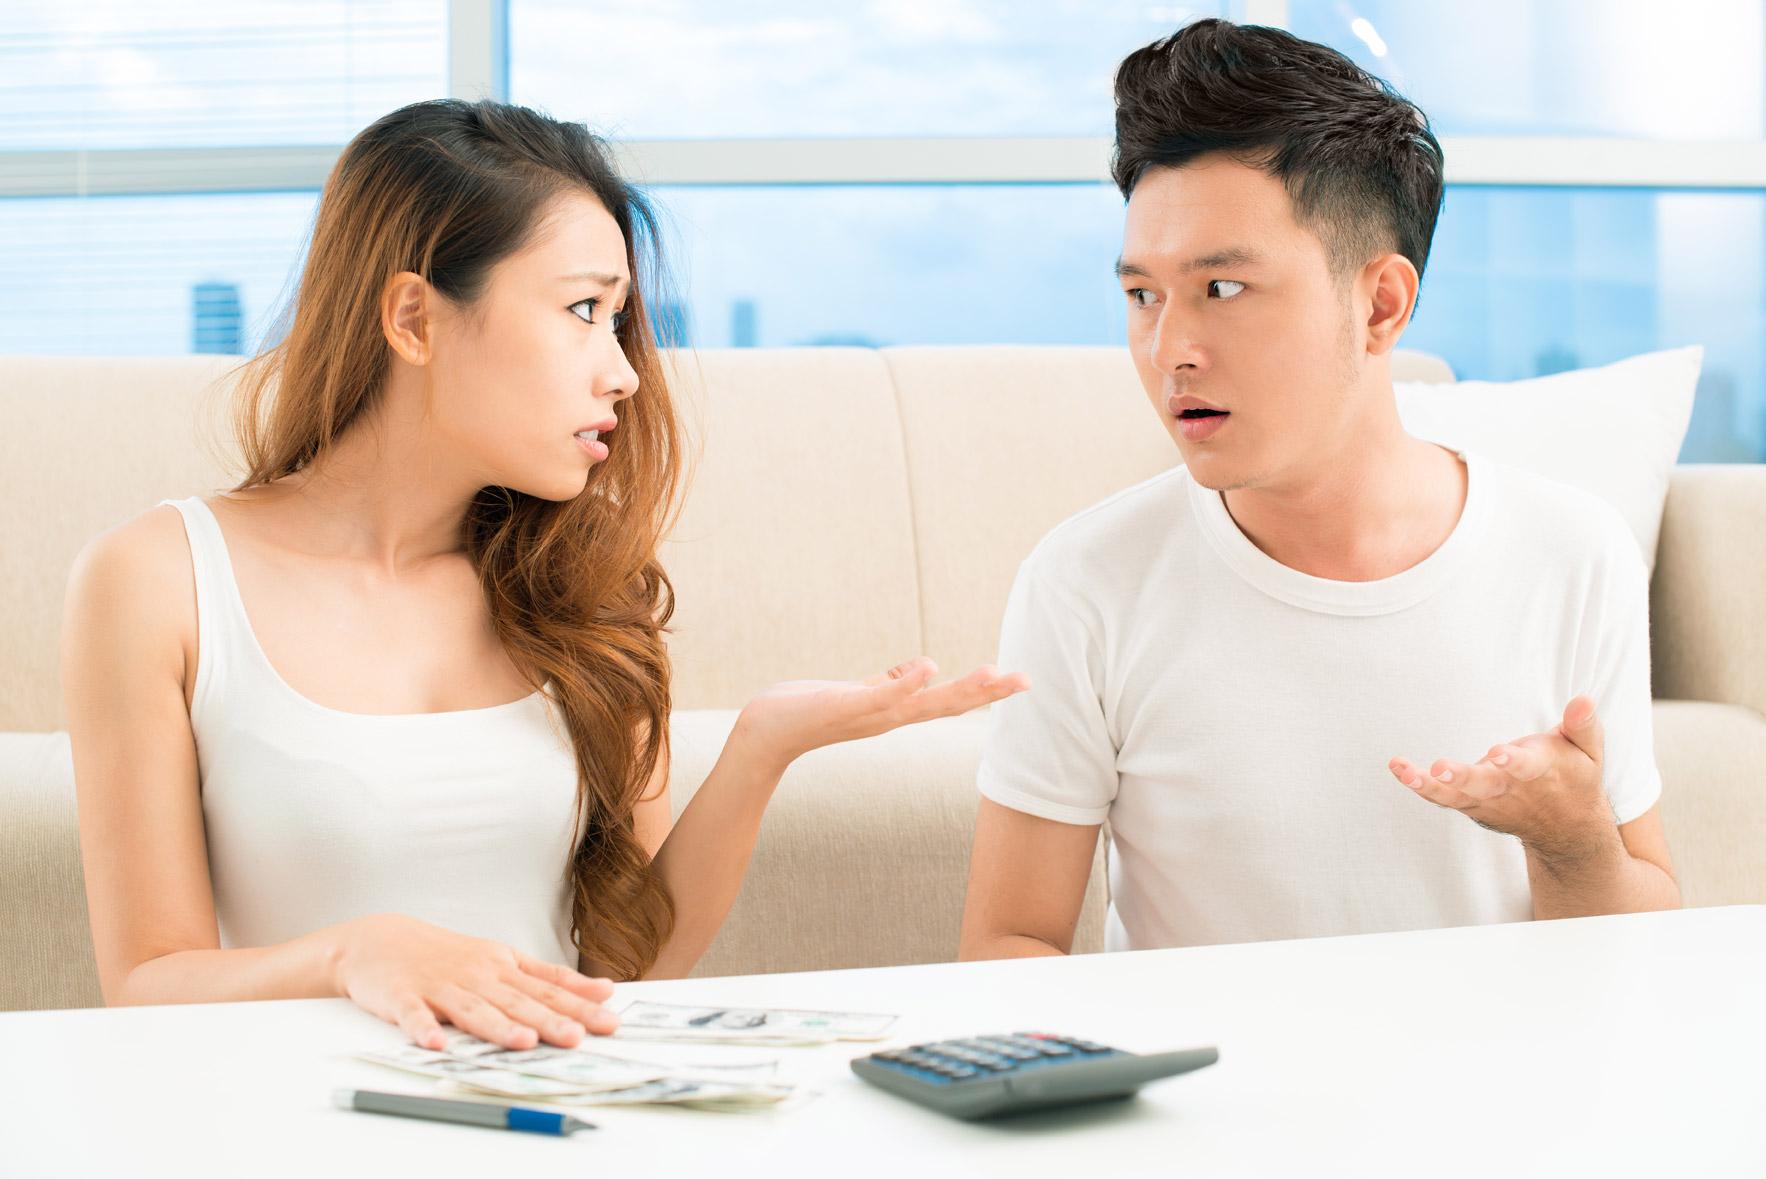 5 bài học đắt giá sau khi vợ chồng chia tay, ai đang có hôn nhân trọn vẹn hãy nhớ - Ảnh 4